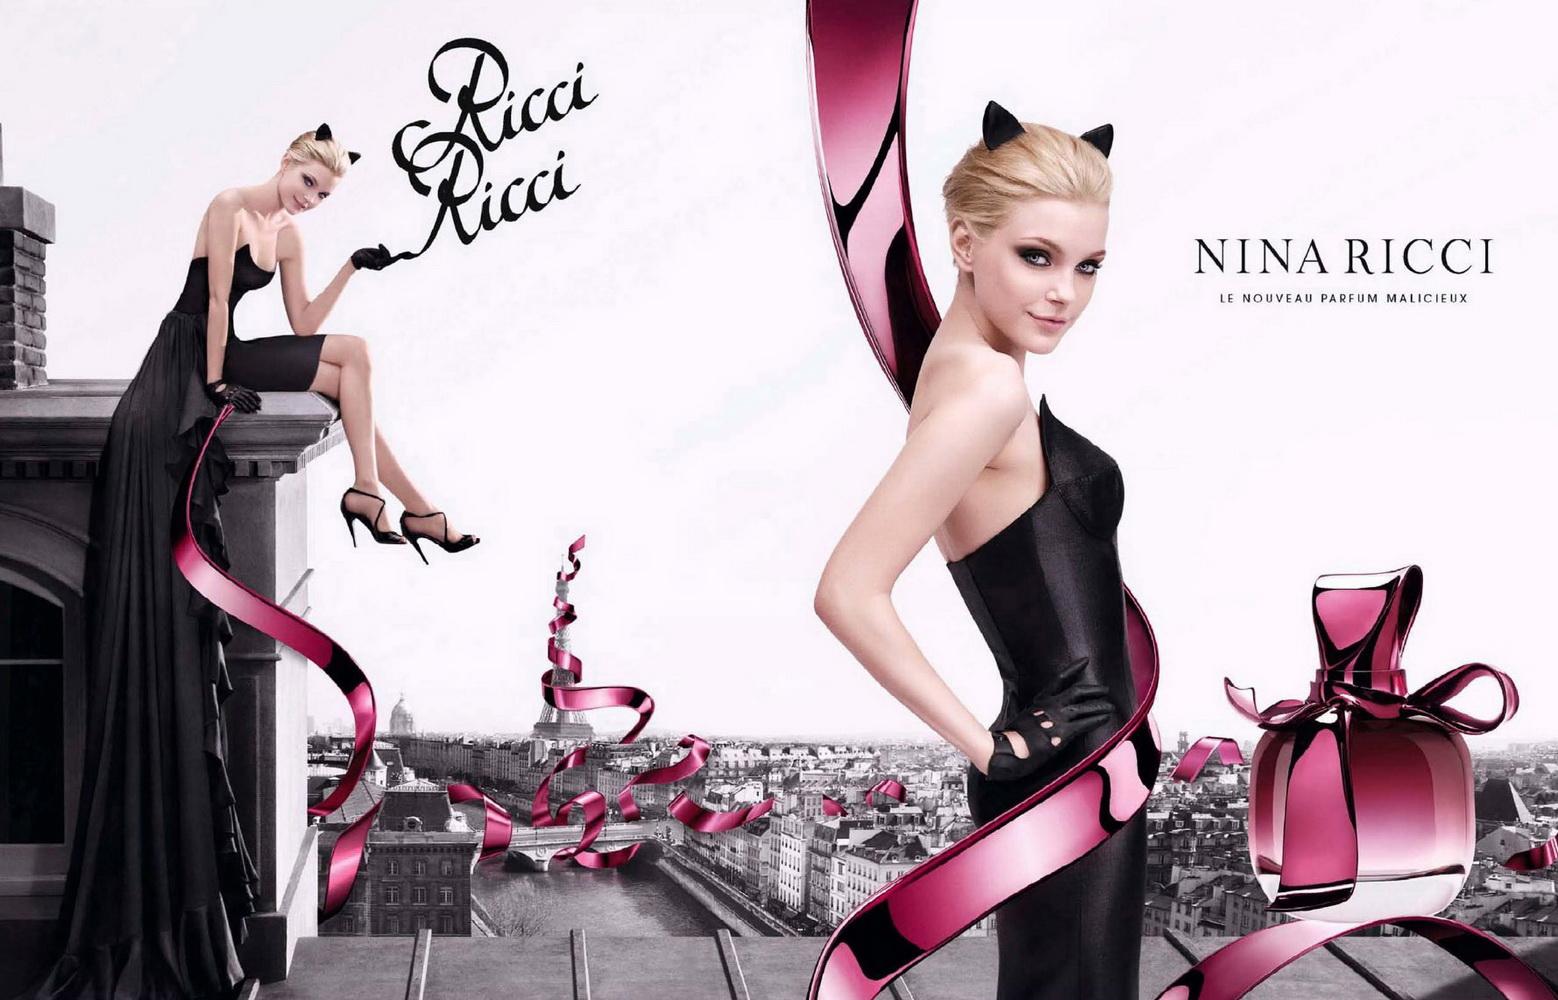 Analyse d'une publicité : Ricci Ricci de Nina Ricci